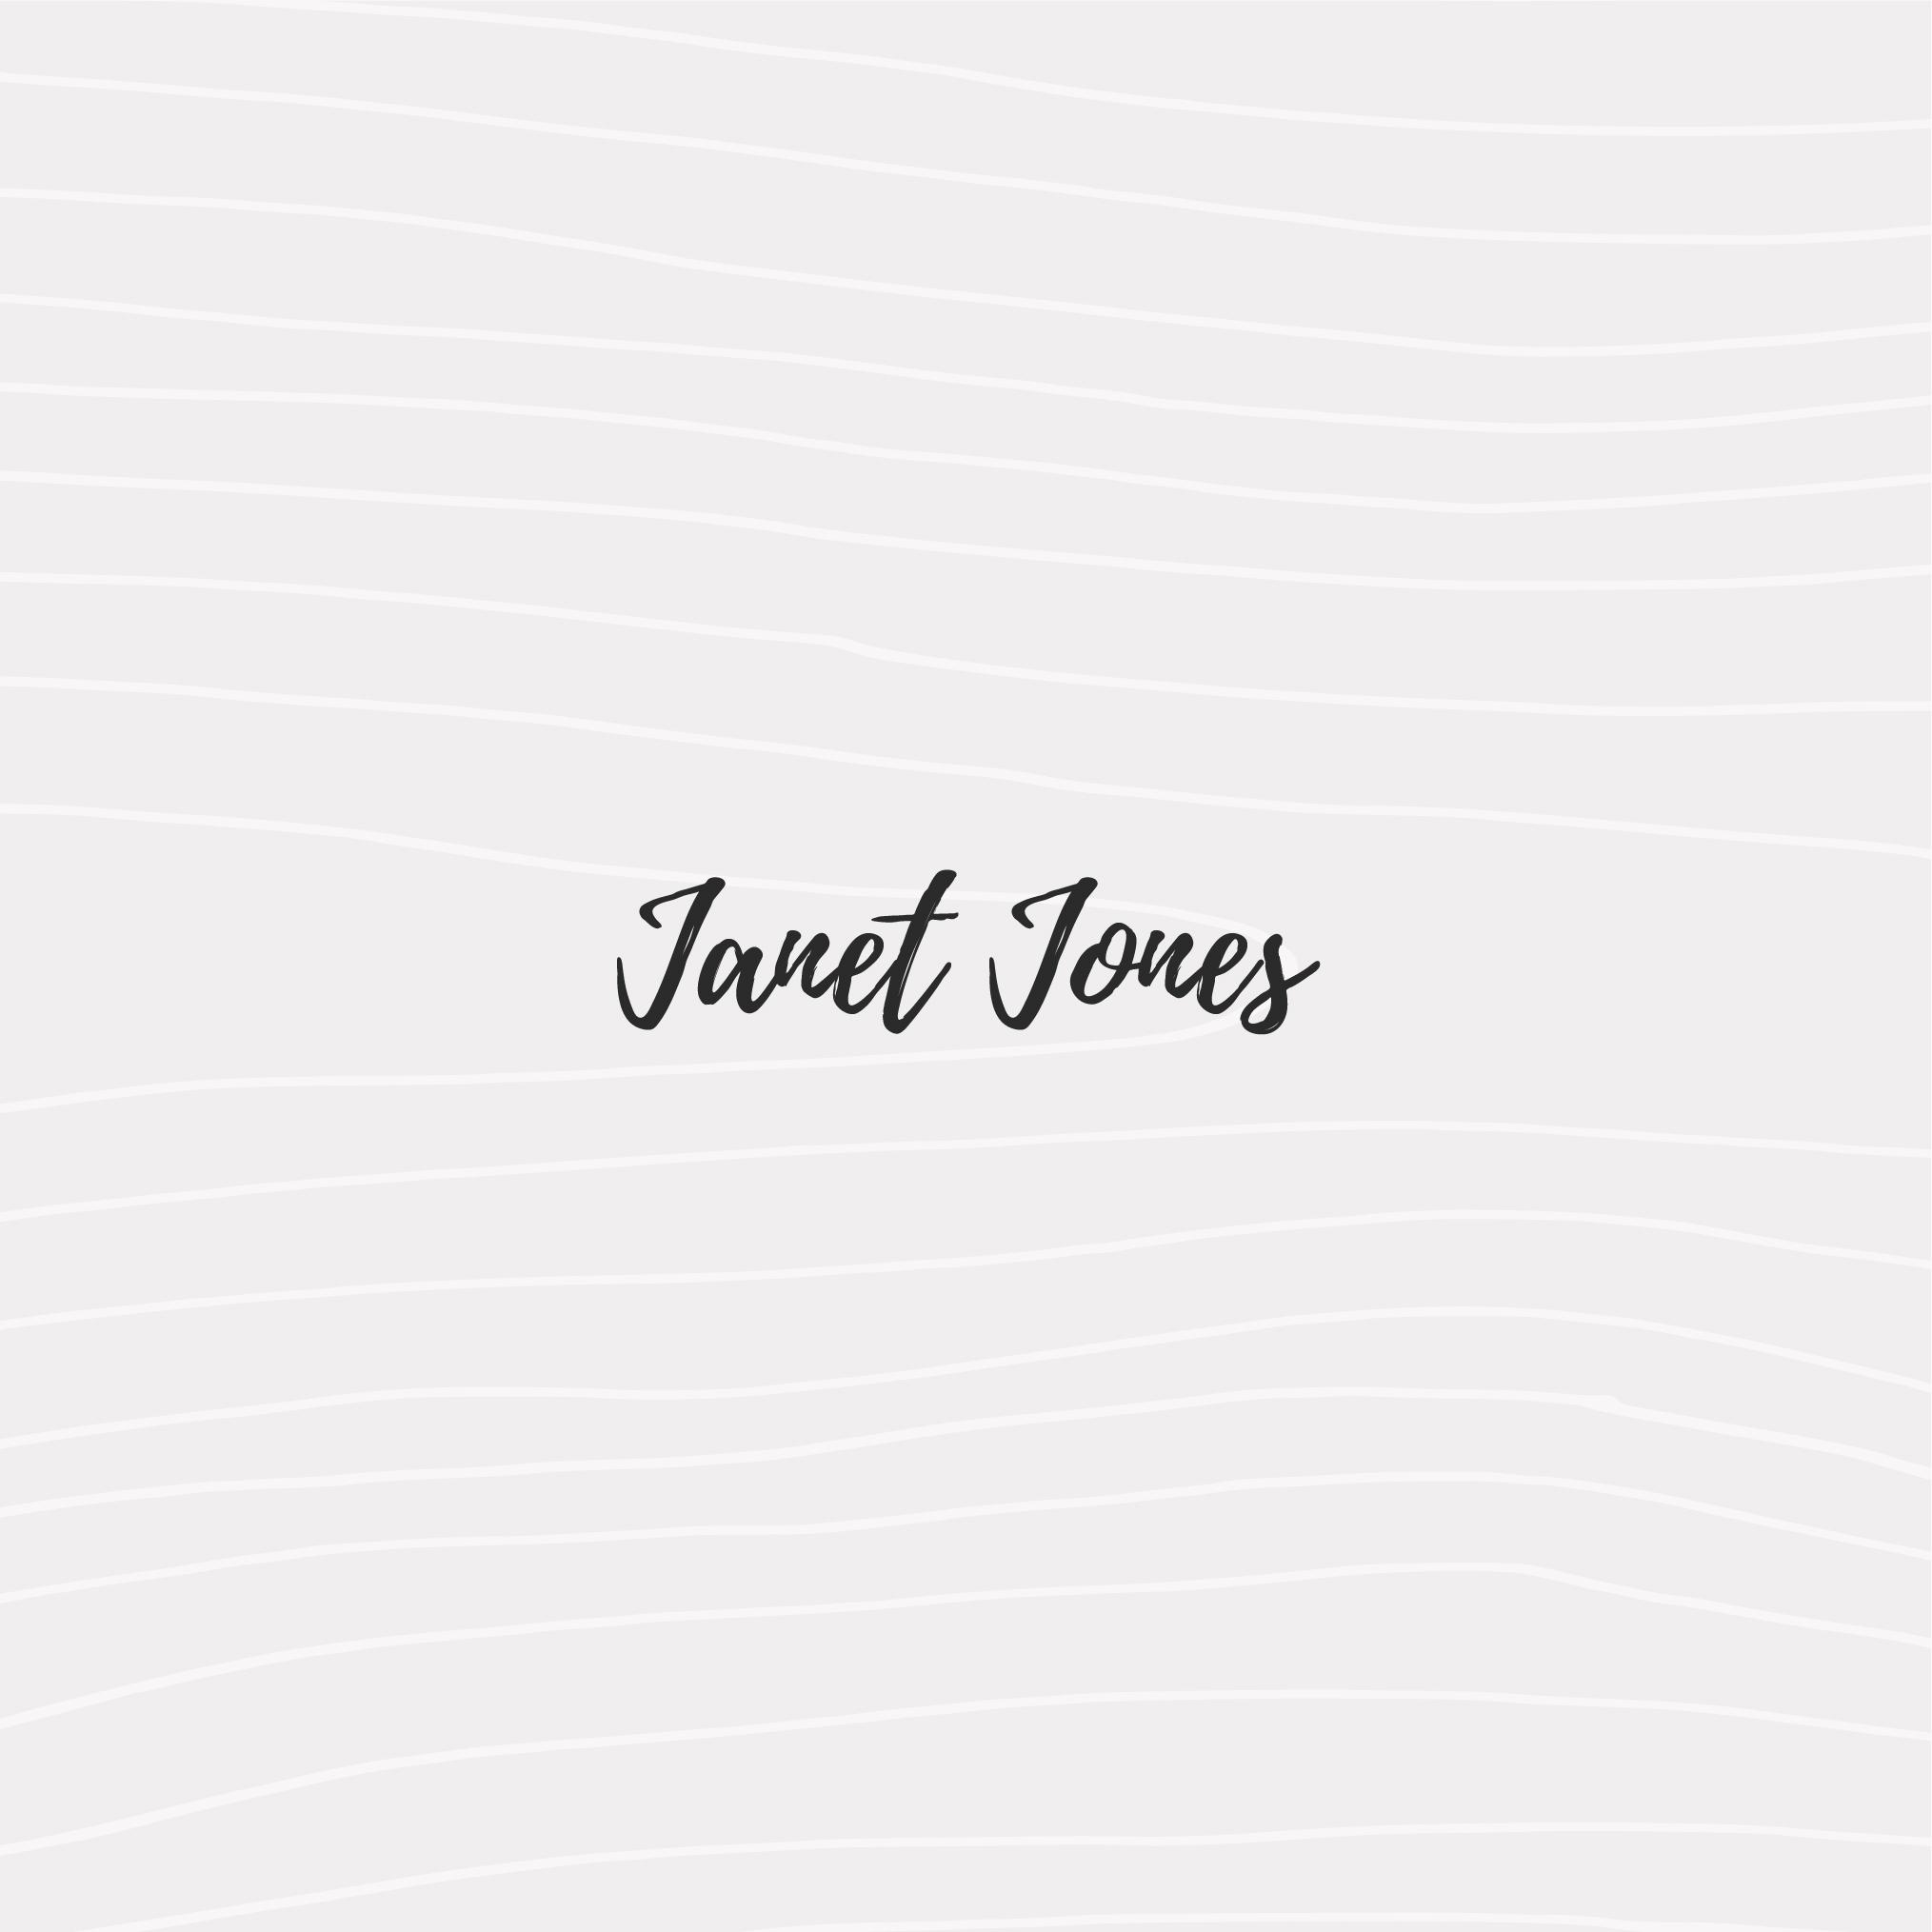 janetjones-40.jpg